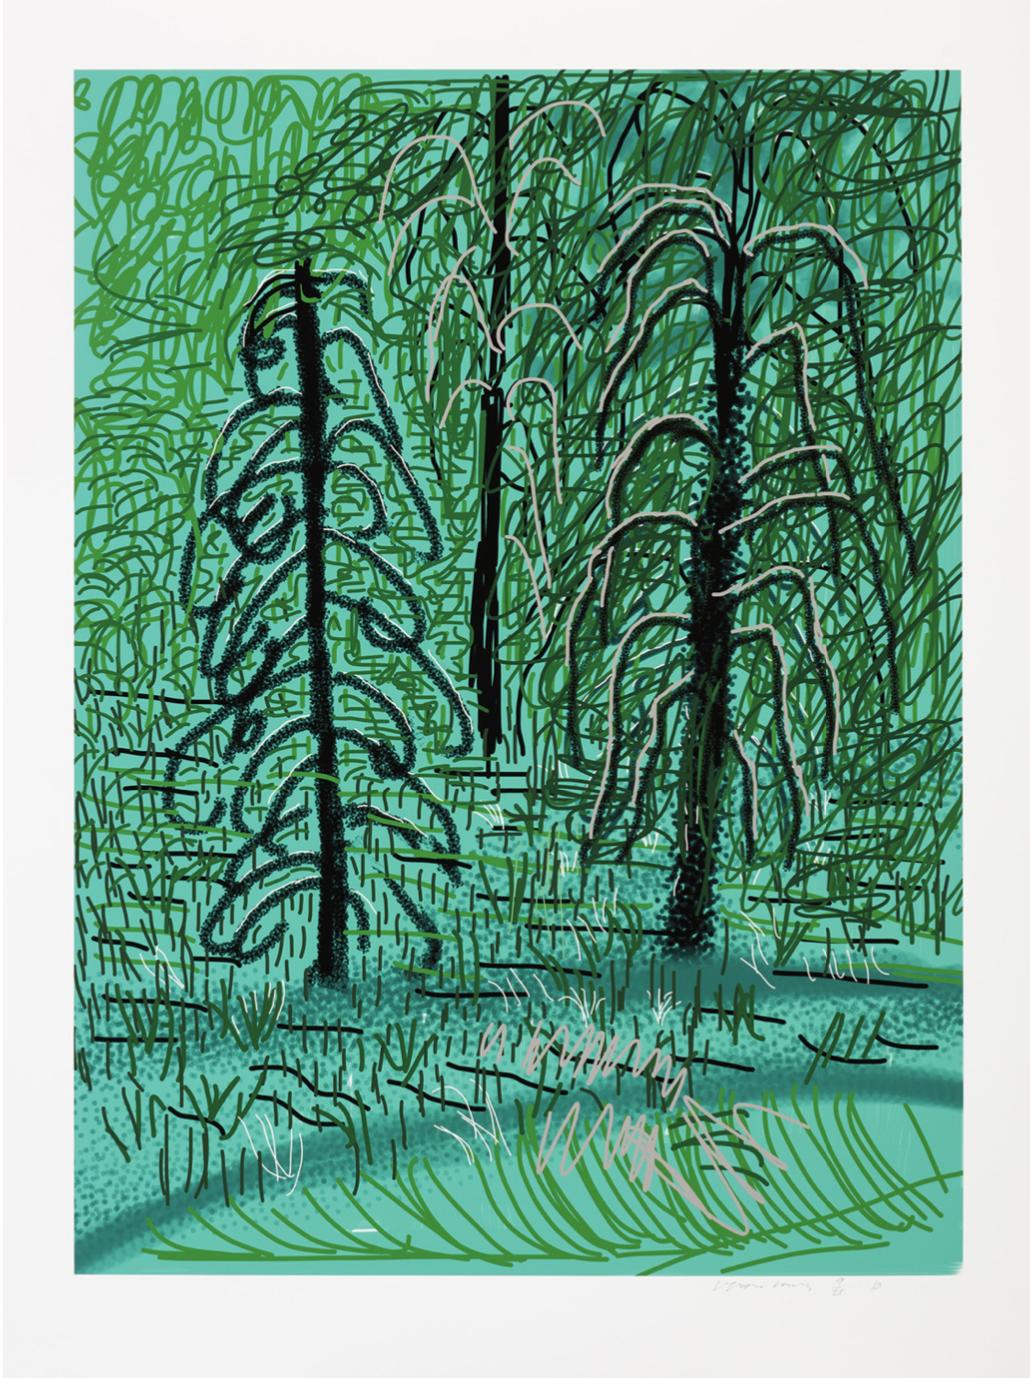 The Yosemite Suite No. 16 by David Hockney